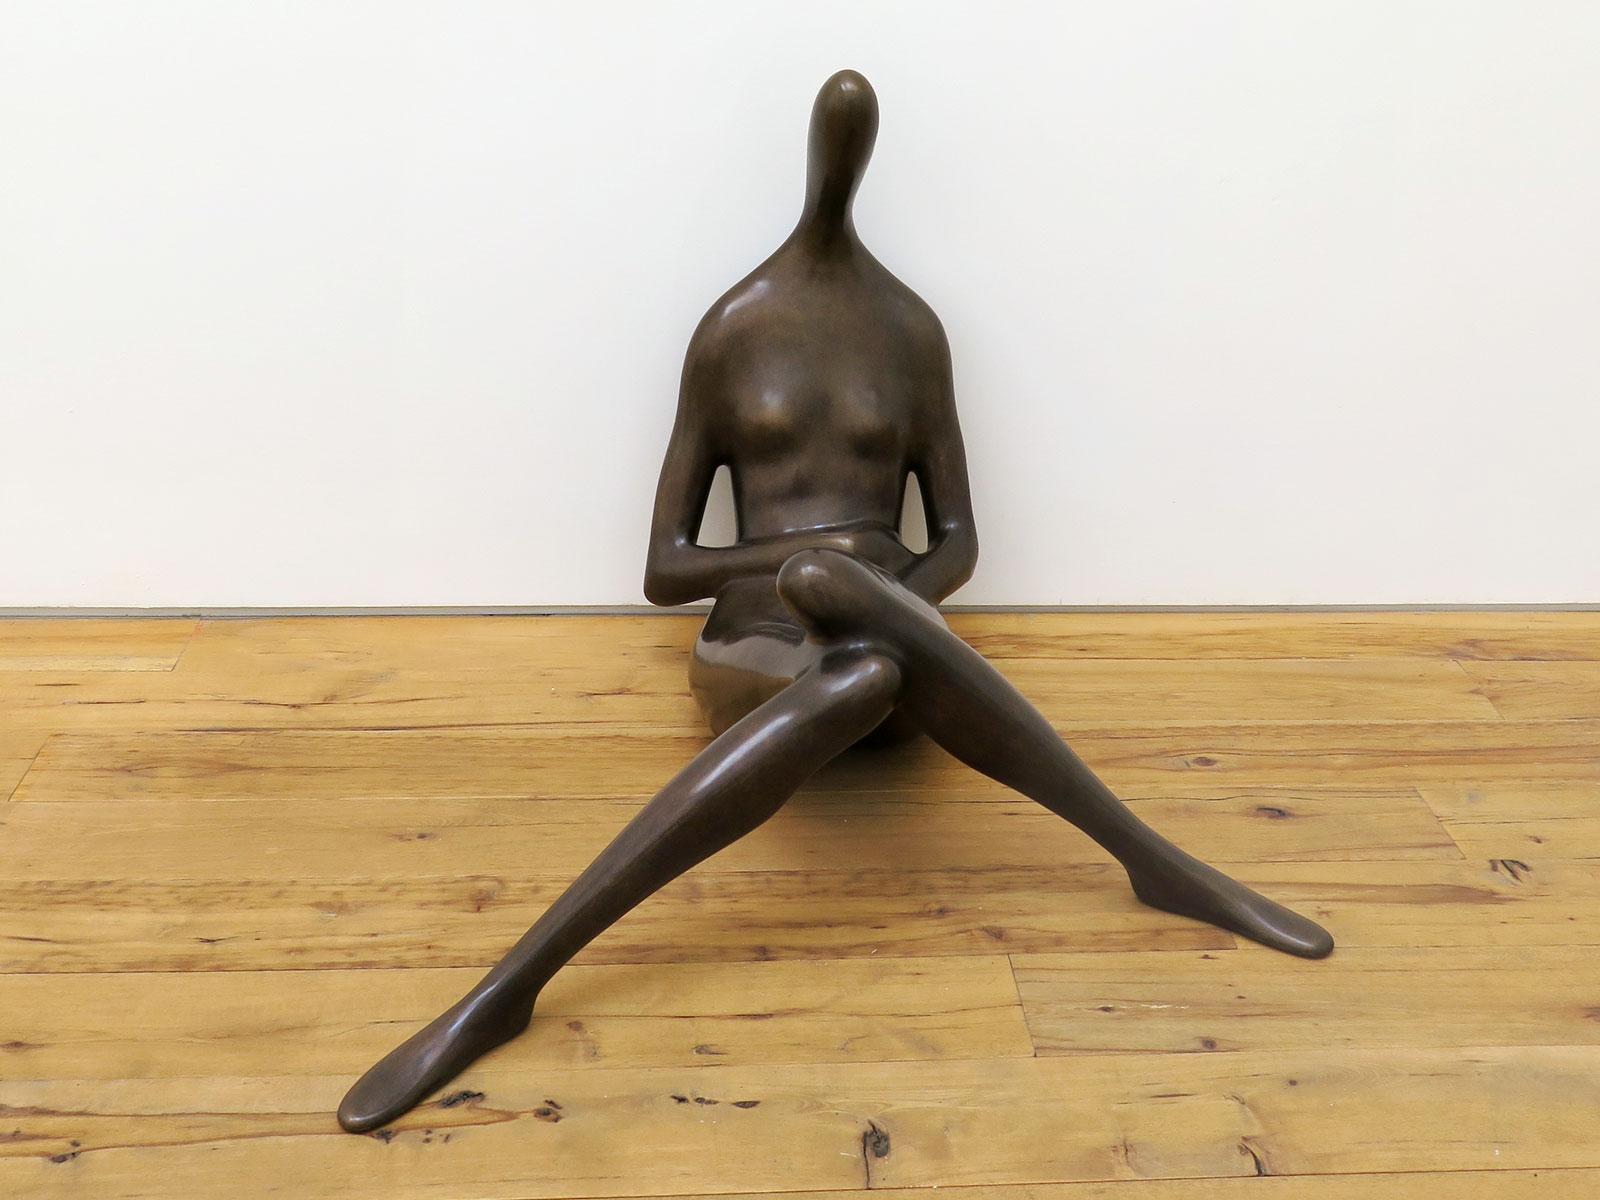 Emil Alzamora 2015 Bronze 32 1/2 x 40 1/2 x 43 inches / 83 x 103 x 110 cm 2015 Marc Straus Gallery